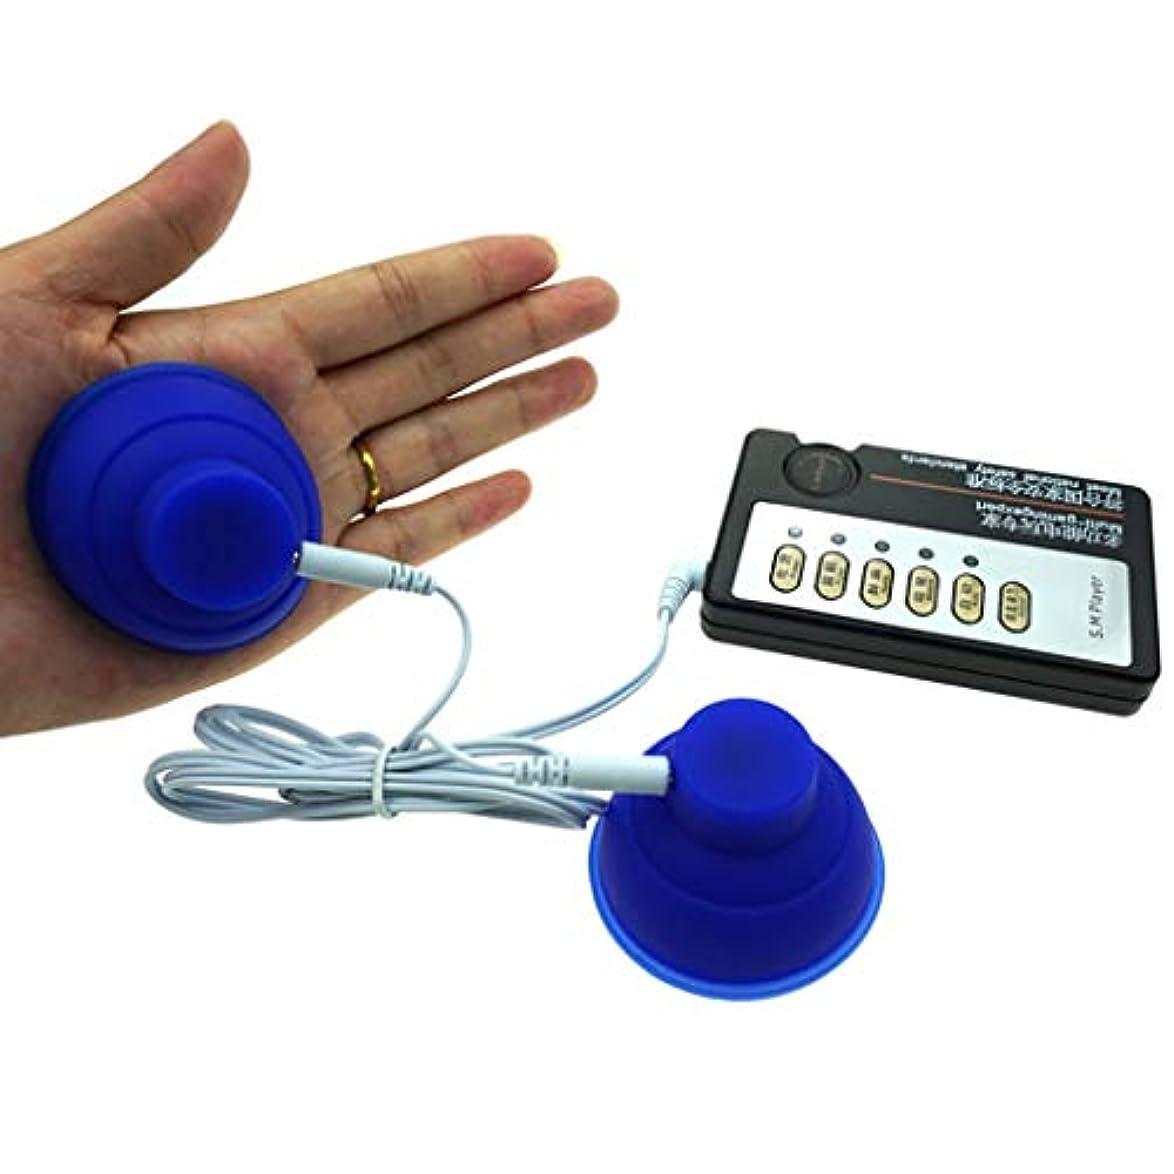 口述するスキーム友情電気刺激 大人のおもちゃ電気刺激性のおもちゃ、電気肛門プラグ、オルガスムオナニー - 電気ショックパルス療法 - マッサージ - 乳房ポンプ - カッピング